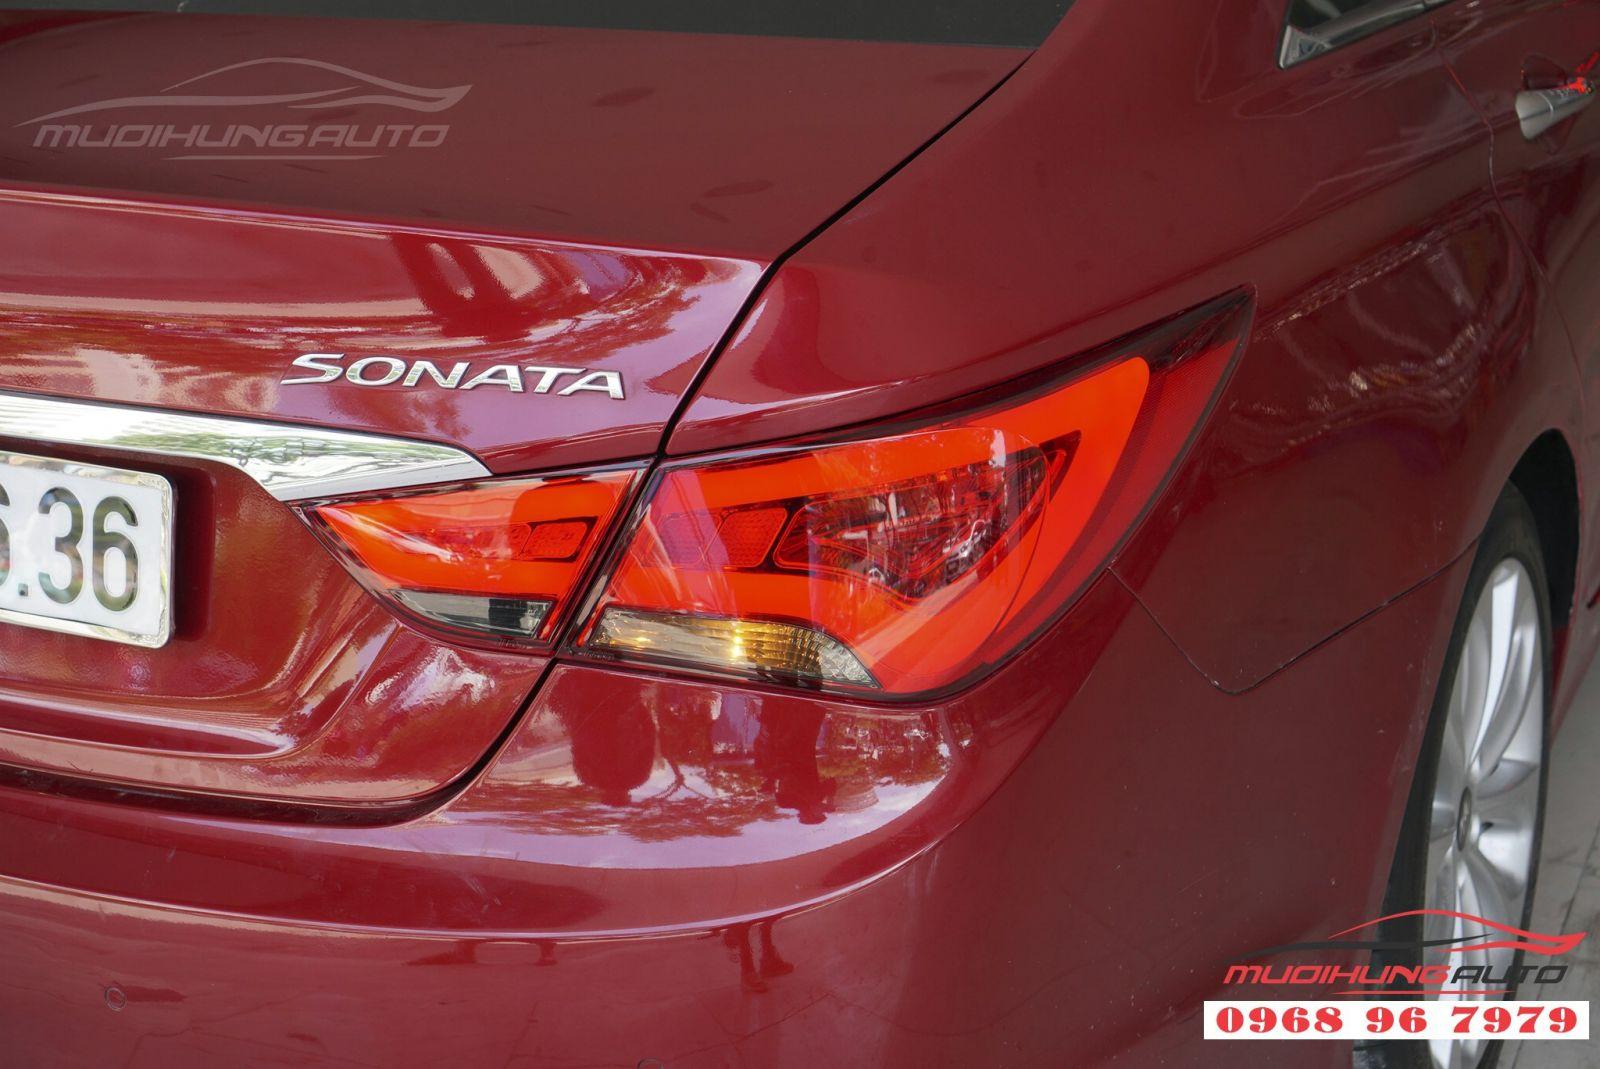 Hyundai Sonata 2011 độ đèn hậu nguyên cụm giá tốt 06